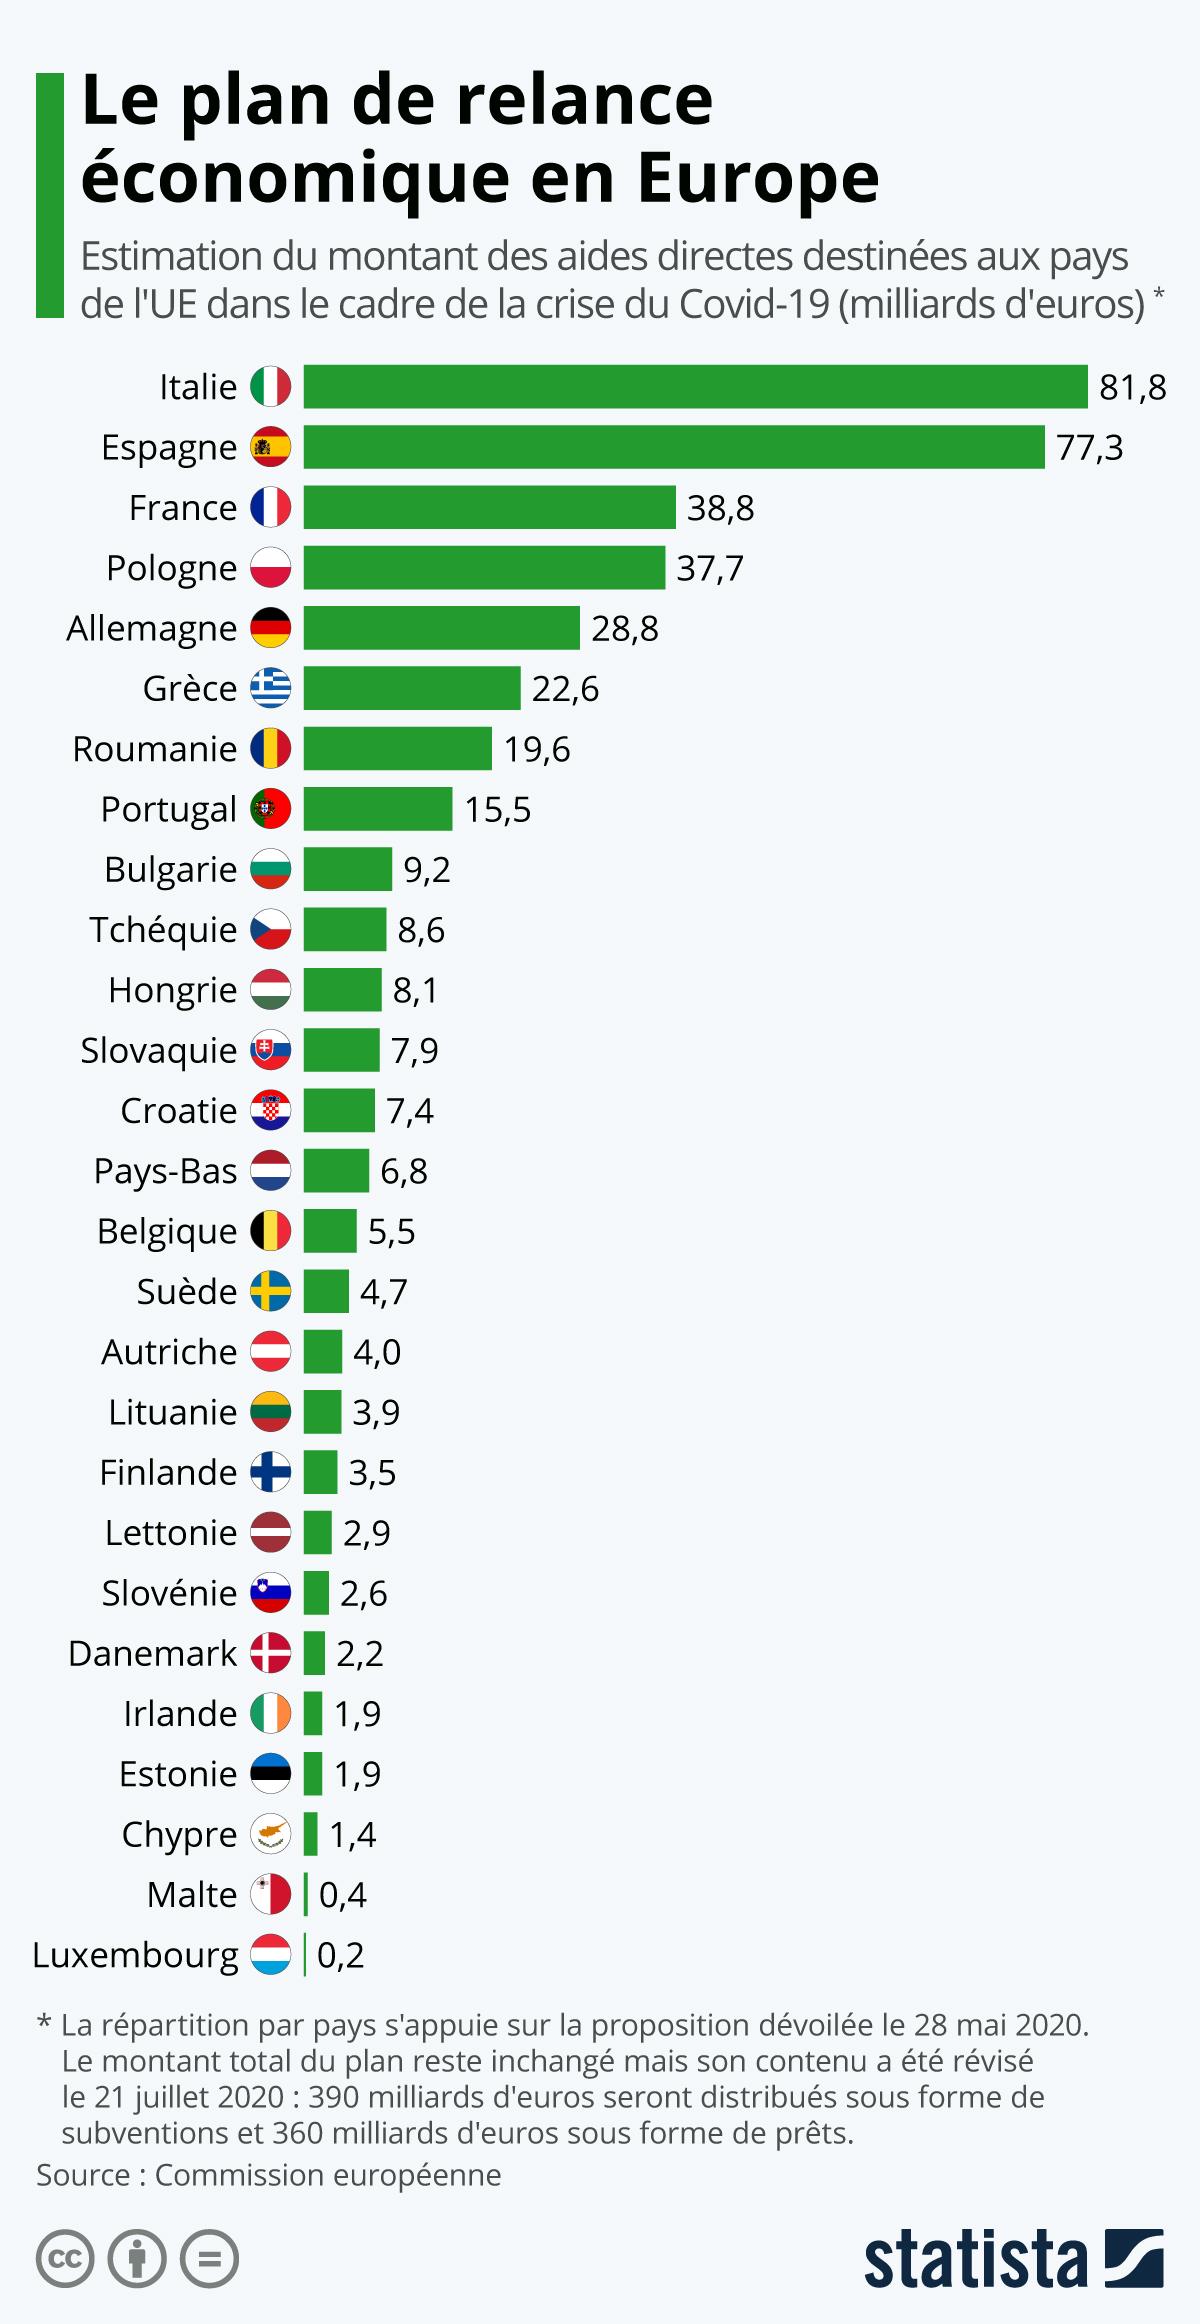 Infographie: Le plan de relance économique en Europe | Statista